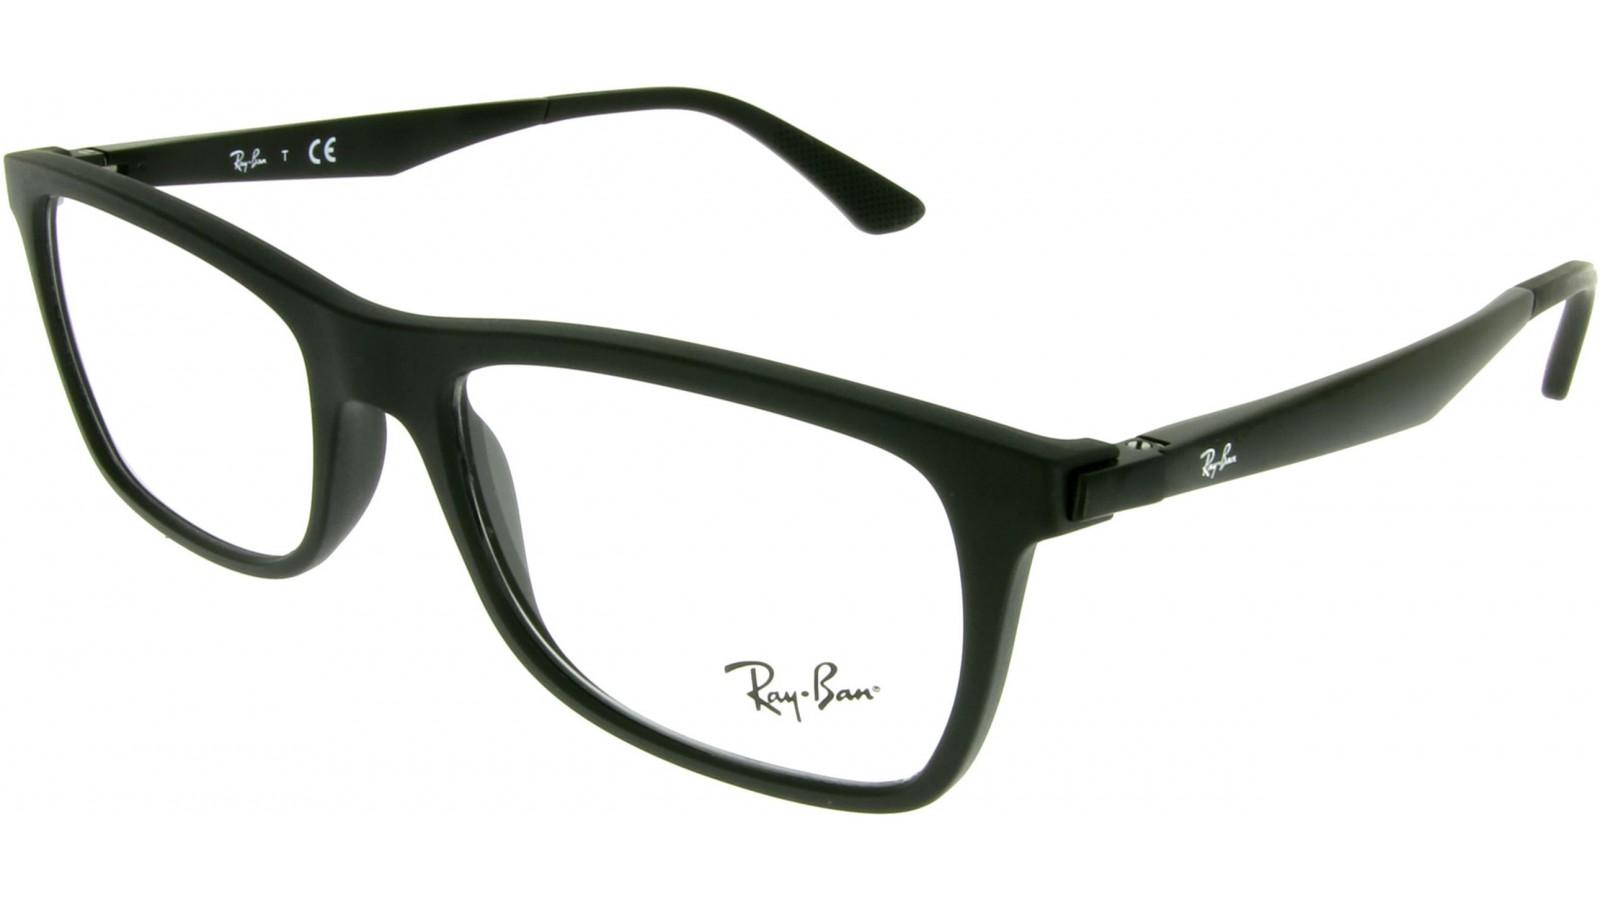 ray ban brille rutscht von nase